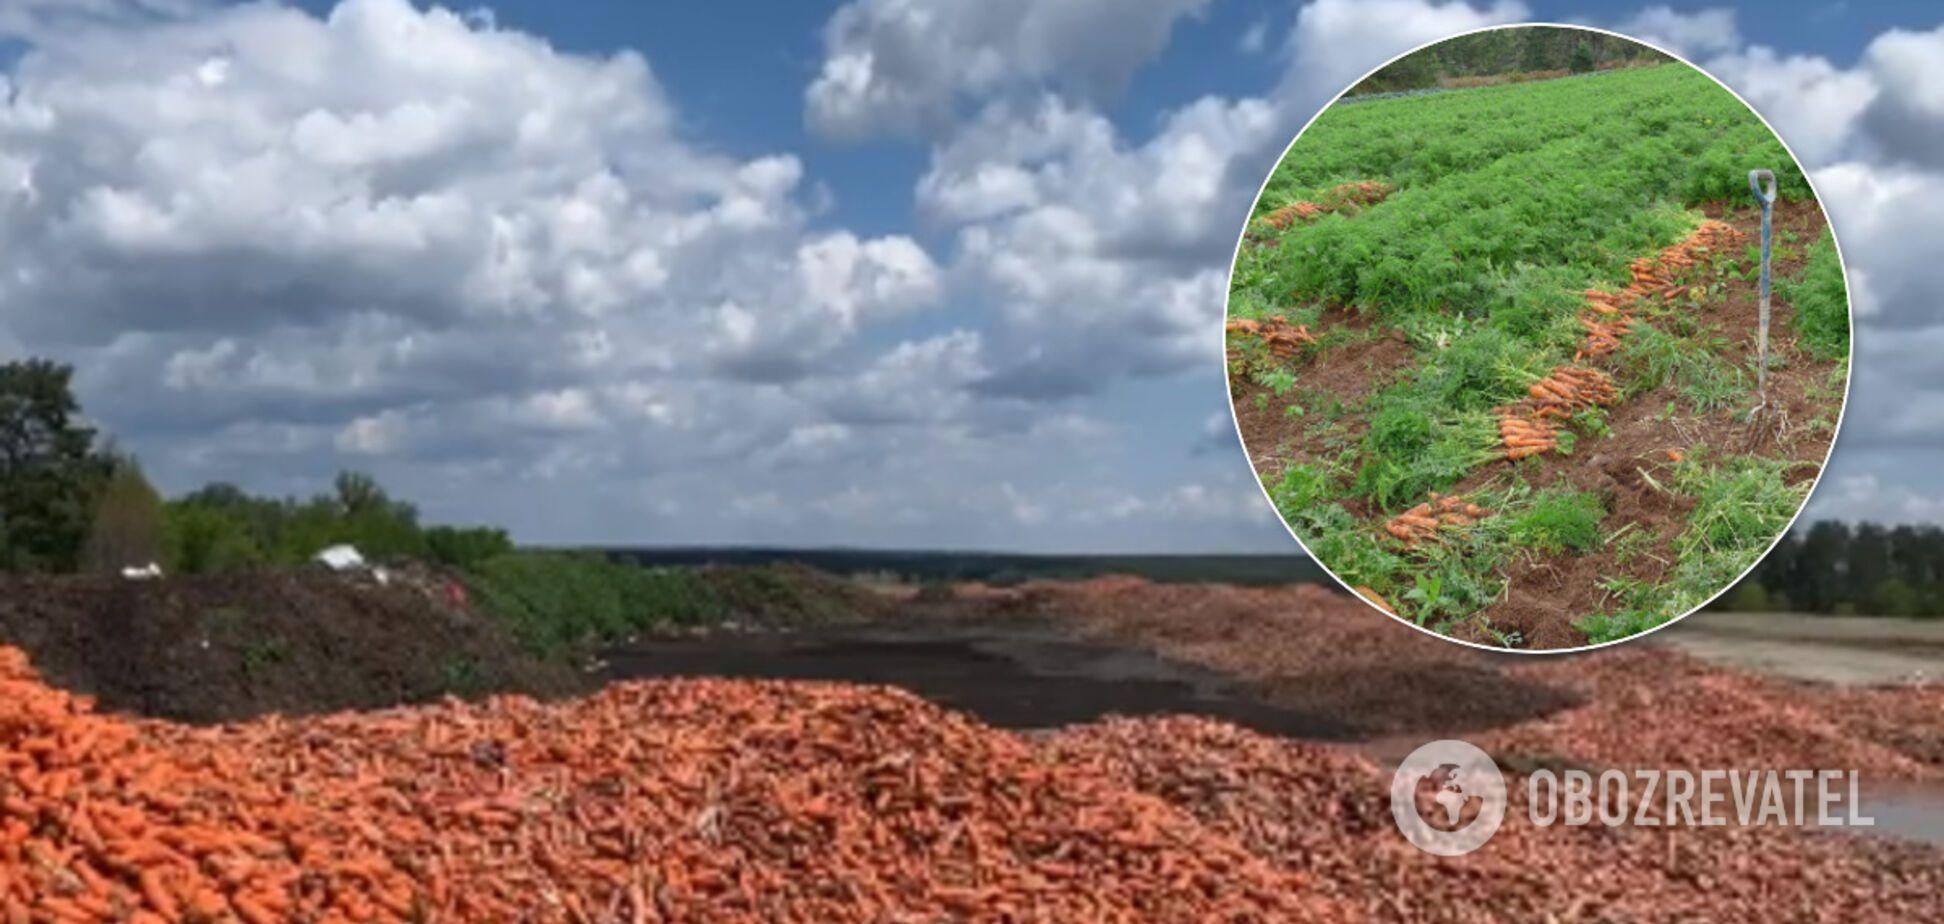 В Киевской области на свалку выбросили горы моркови: фото и видео шокировали украинцев